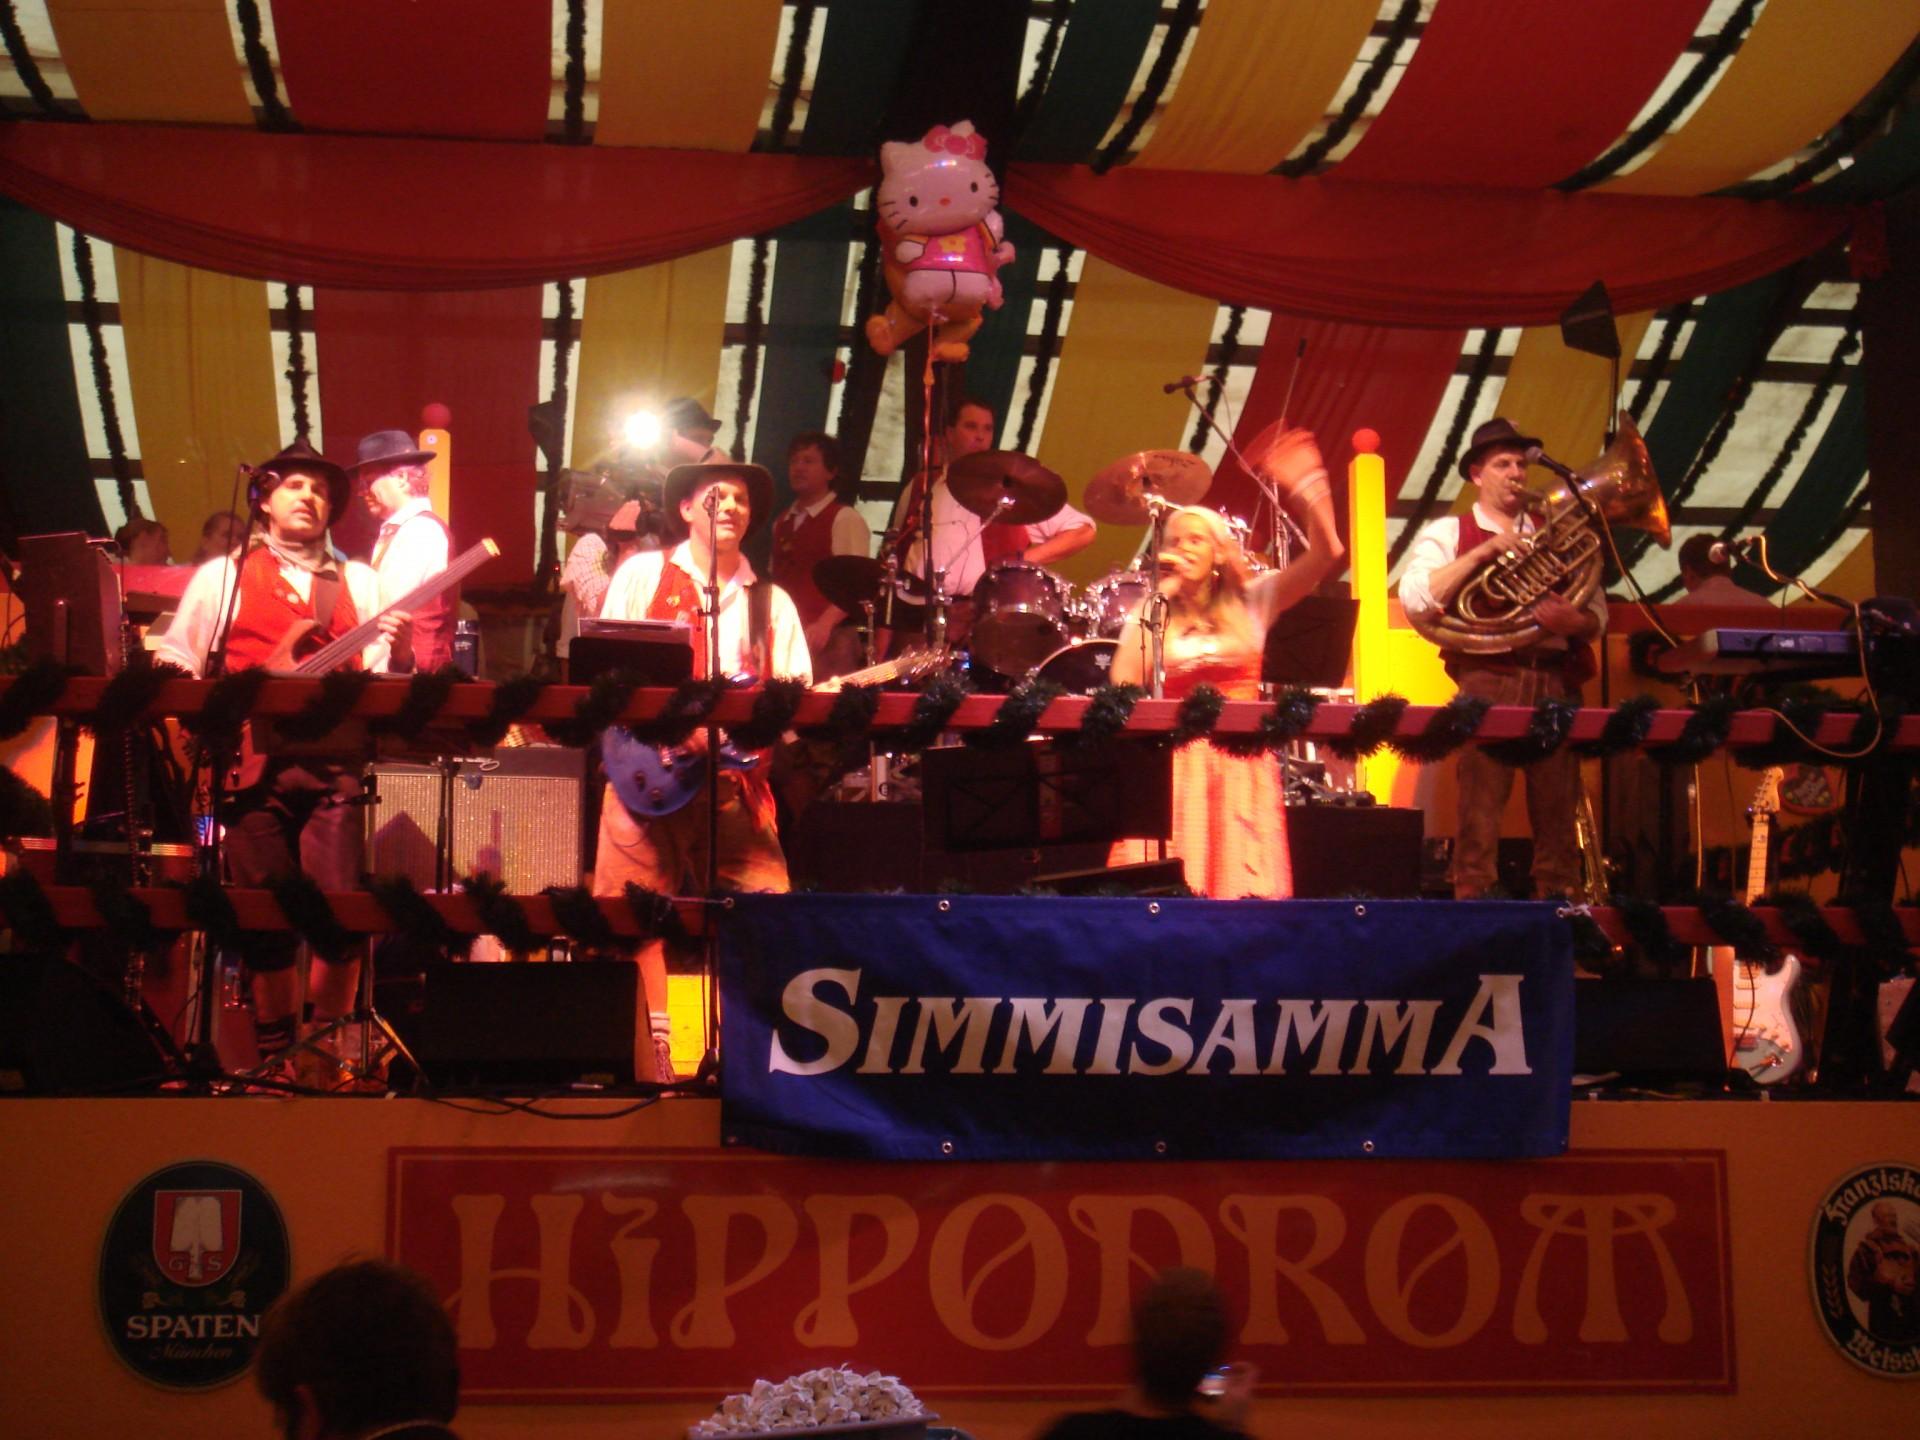 Simmisamma die Oktoberfestband – Konzert Hippodrom Oktoberfest München Deutschland 89